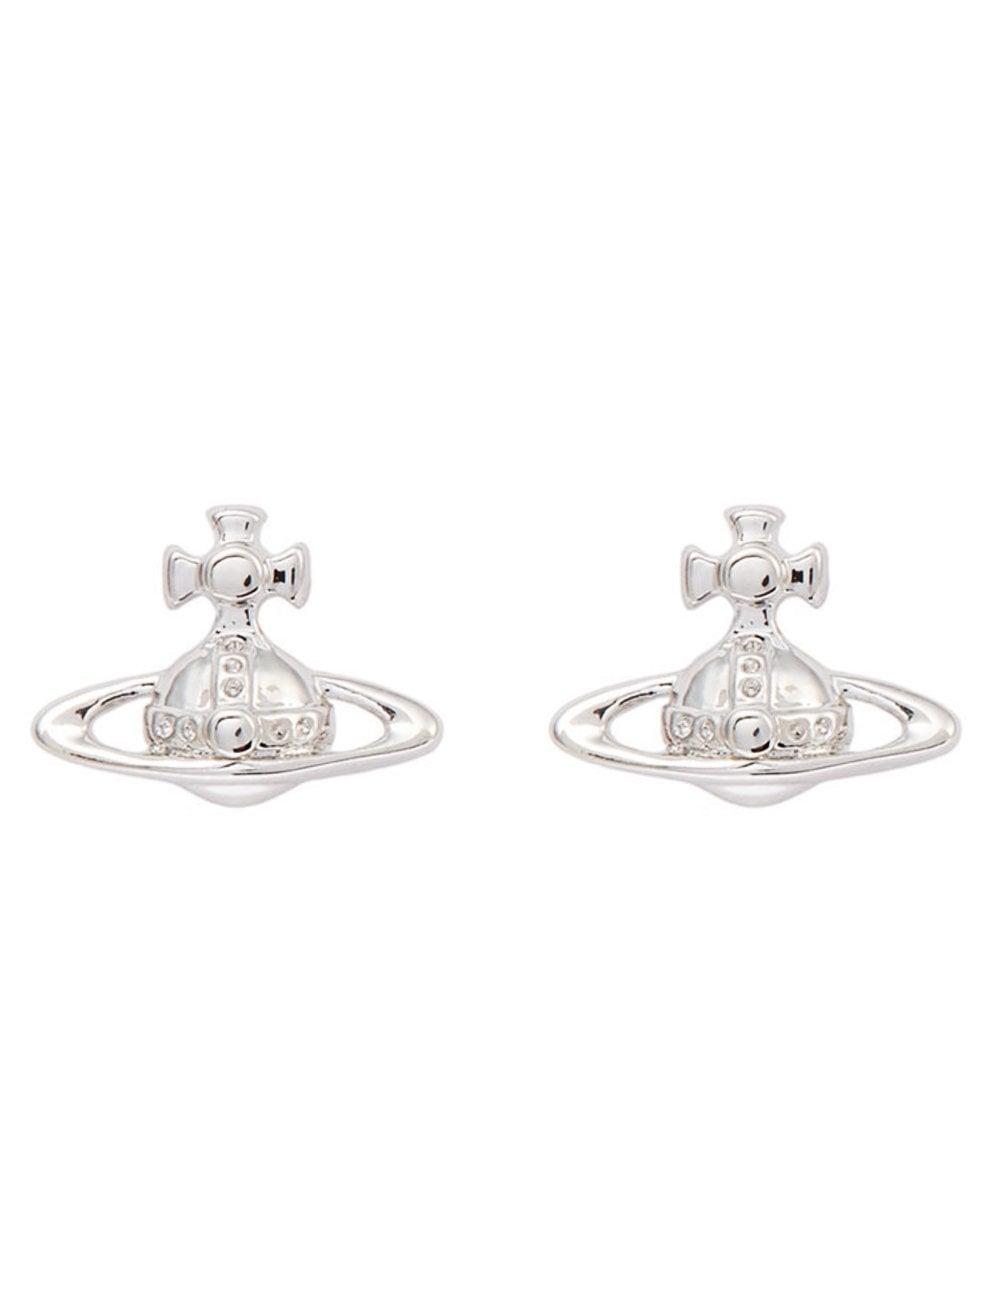 d1ec74467 Vivienne Westwood Women's Lorelei Stud Earrings